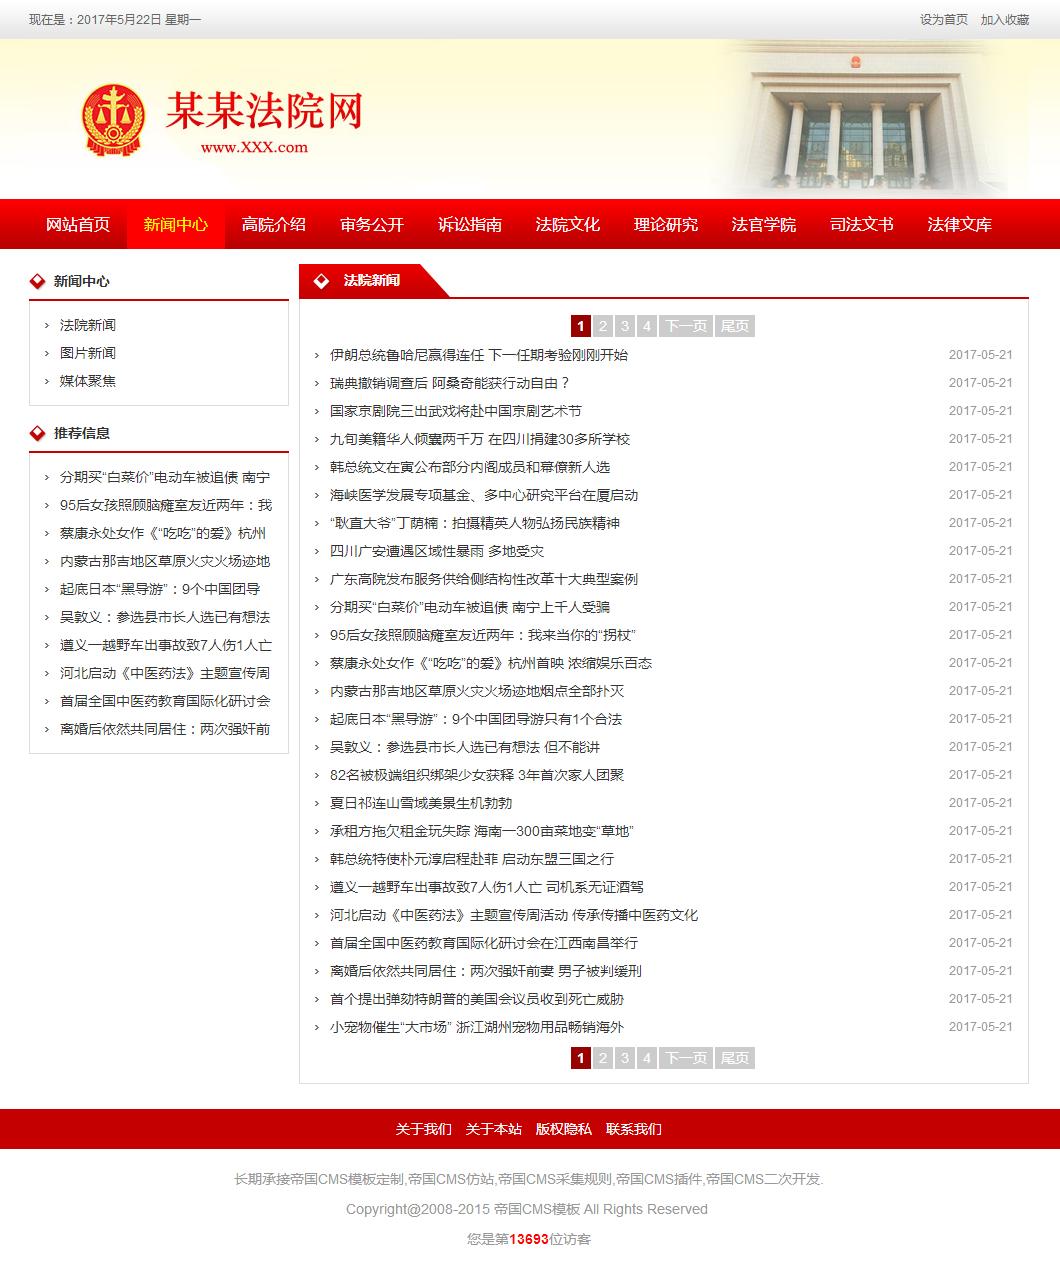 帝国cms政府网站模板之法院类型红色系_文章列表